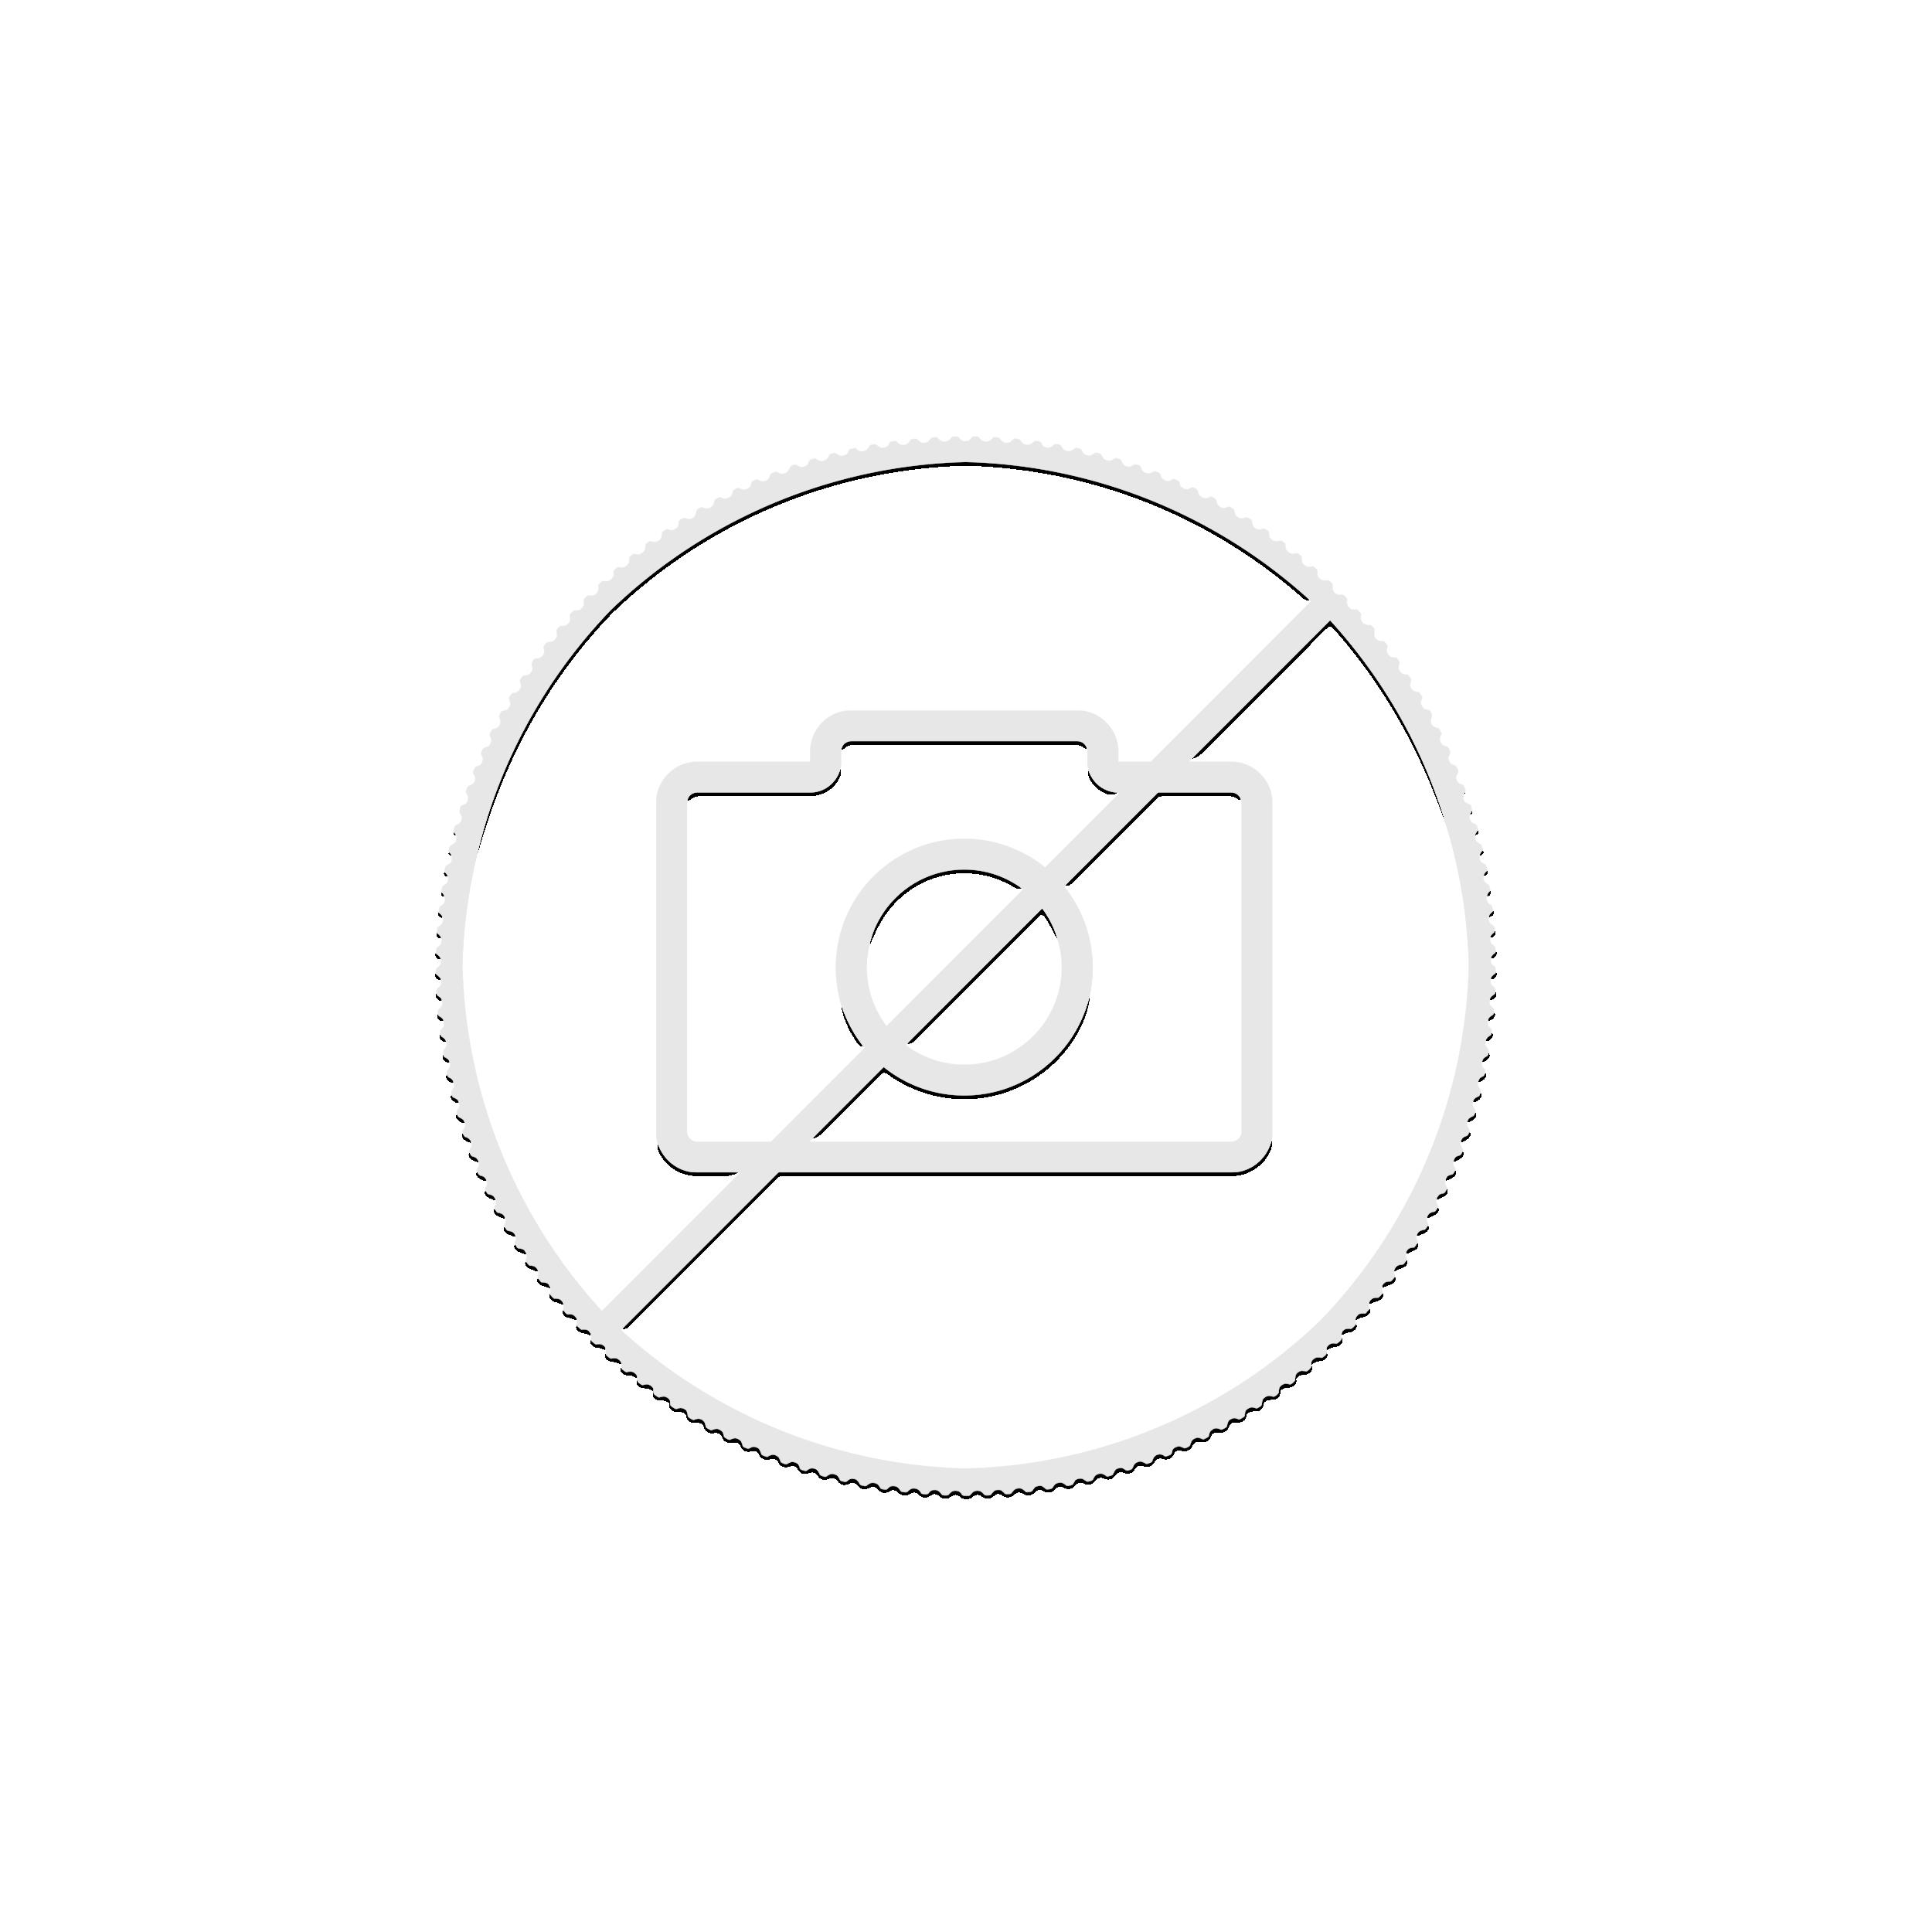 1 Troy ounce silver coin Kookaburra 2018